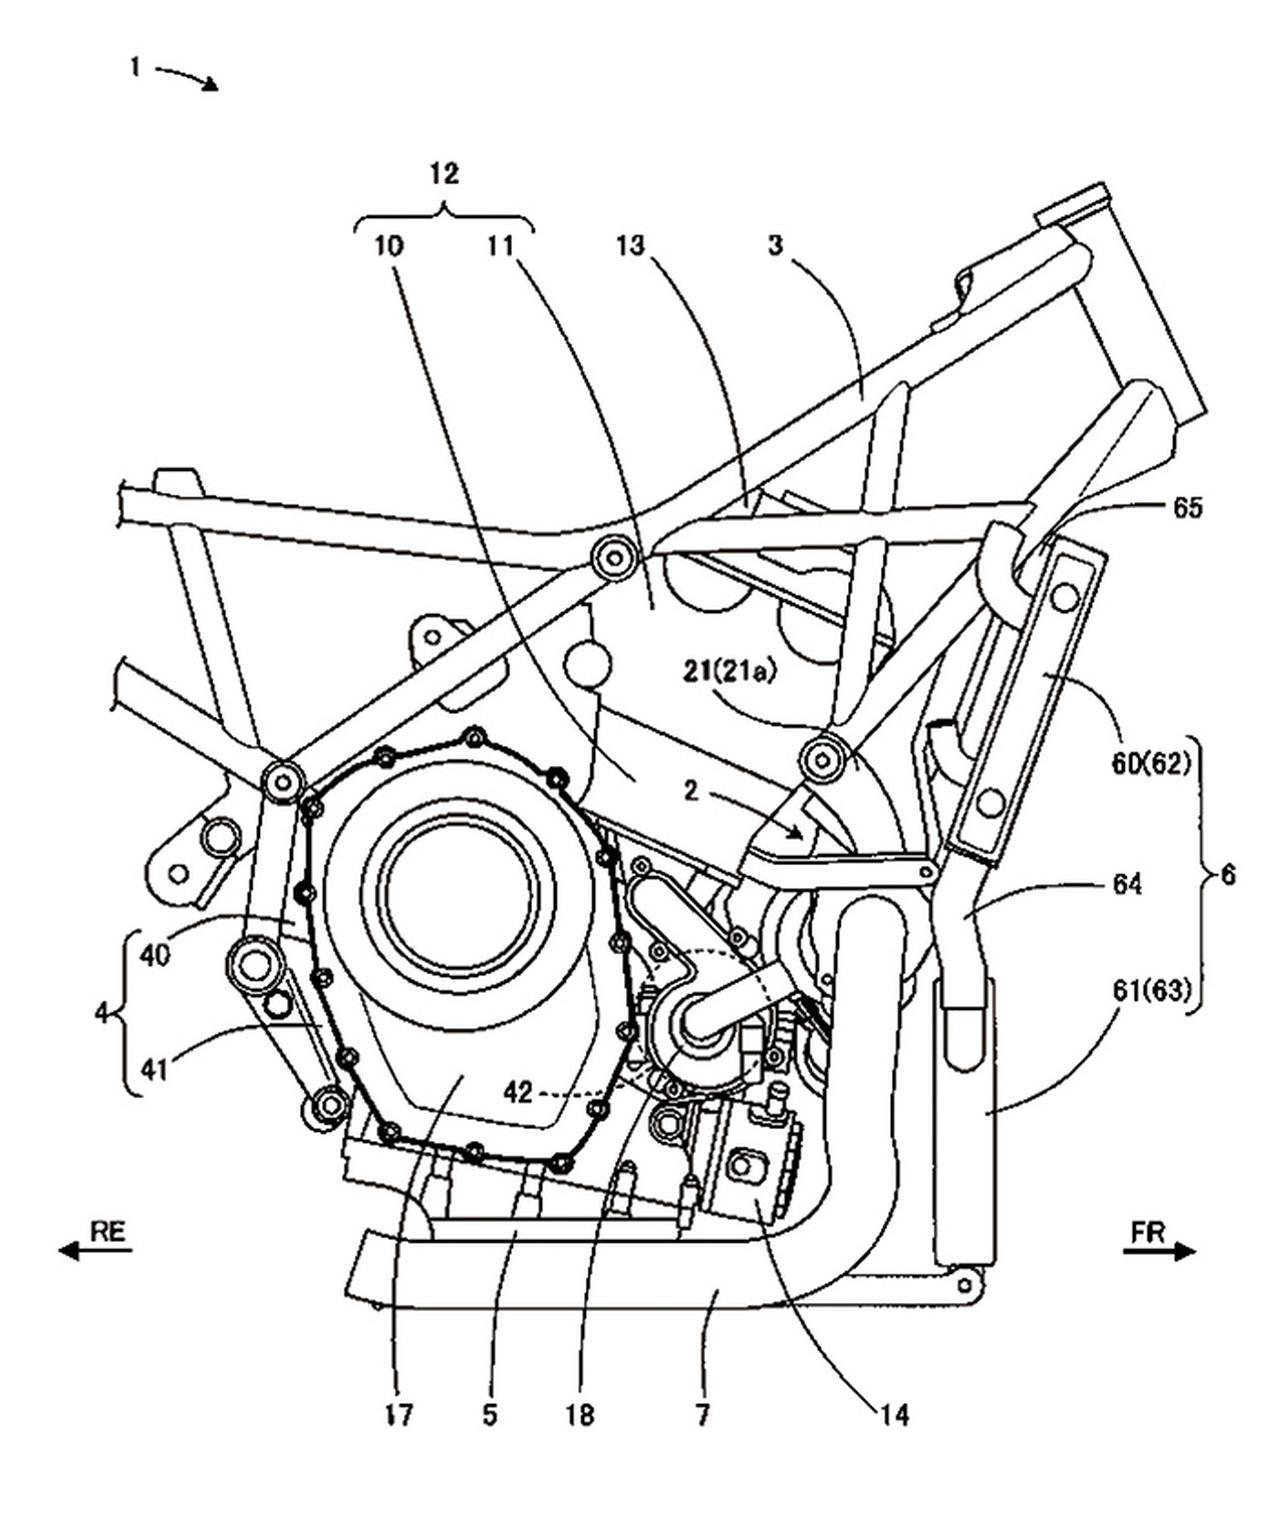 画像: リカージョンではアルミ製のツインチューブフレームを採用していたが、こちらの特許図版ではフレームはスチールパイプのトラスタイプに変更されているのがわかる。